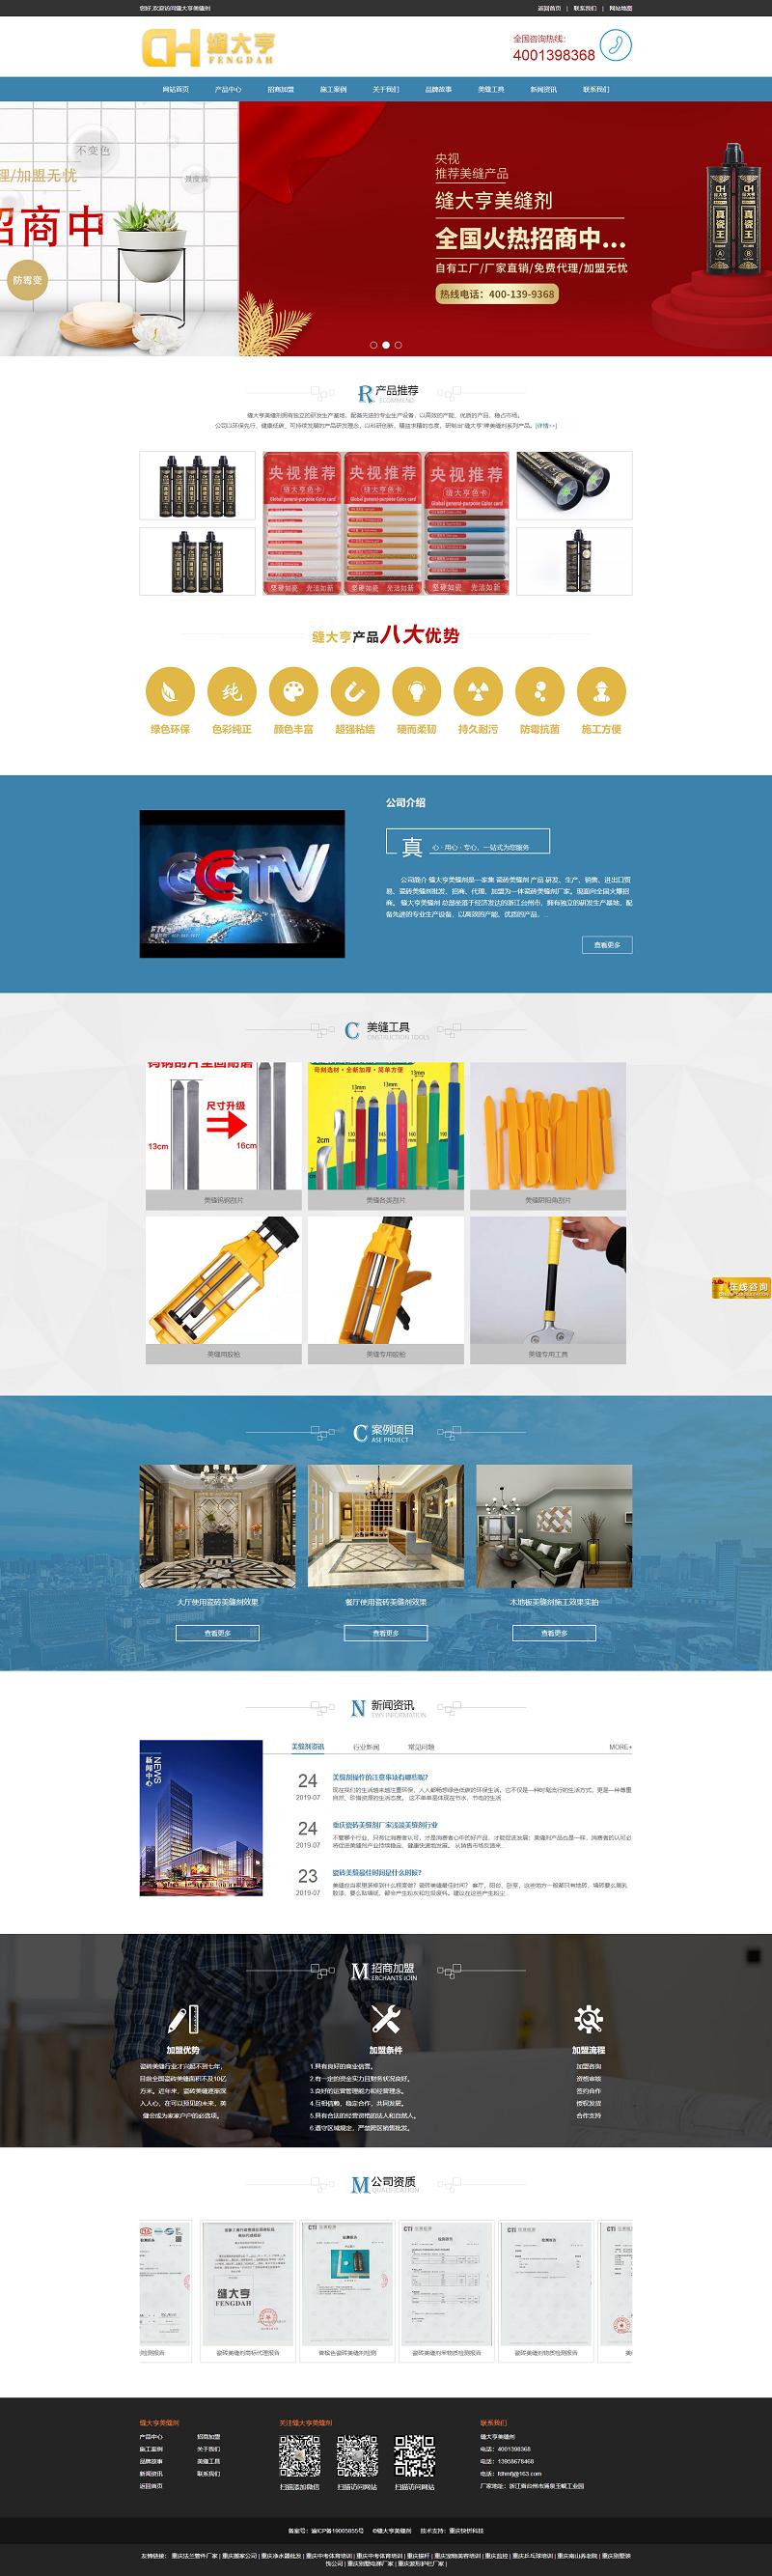 缝大亨美缝剂网站建设案例